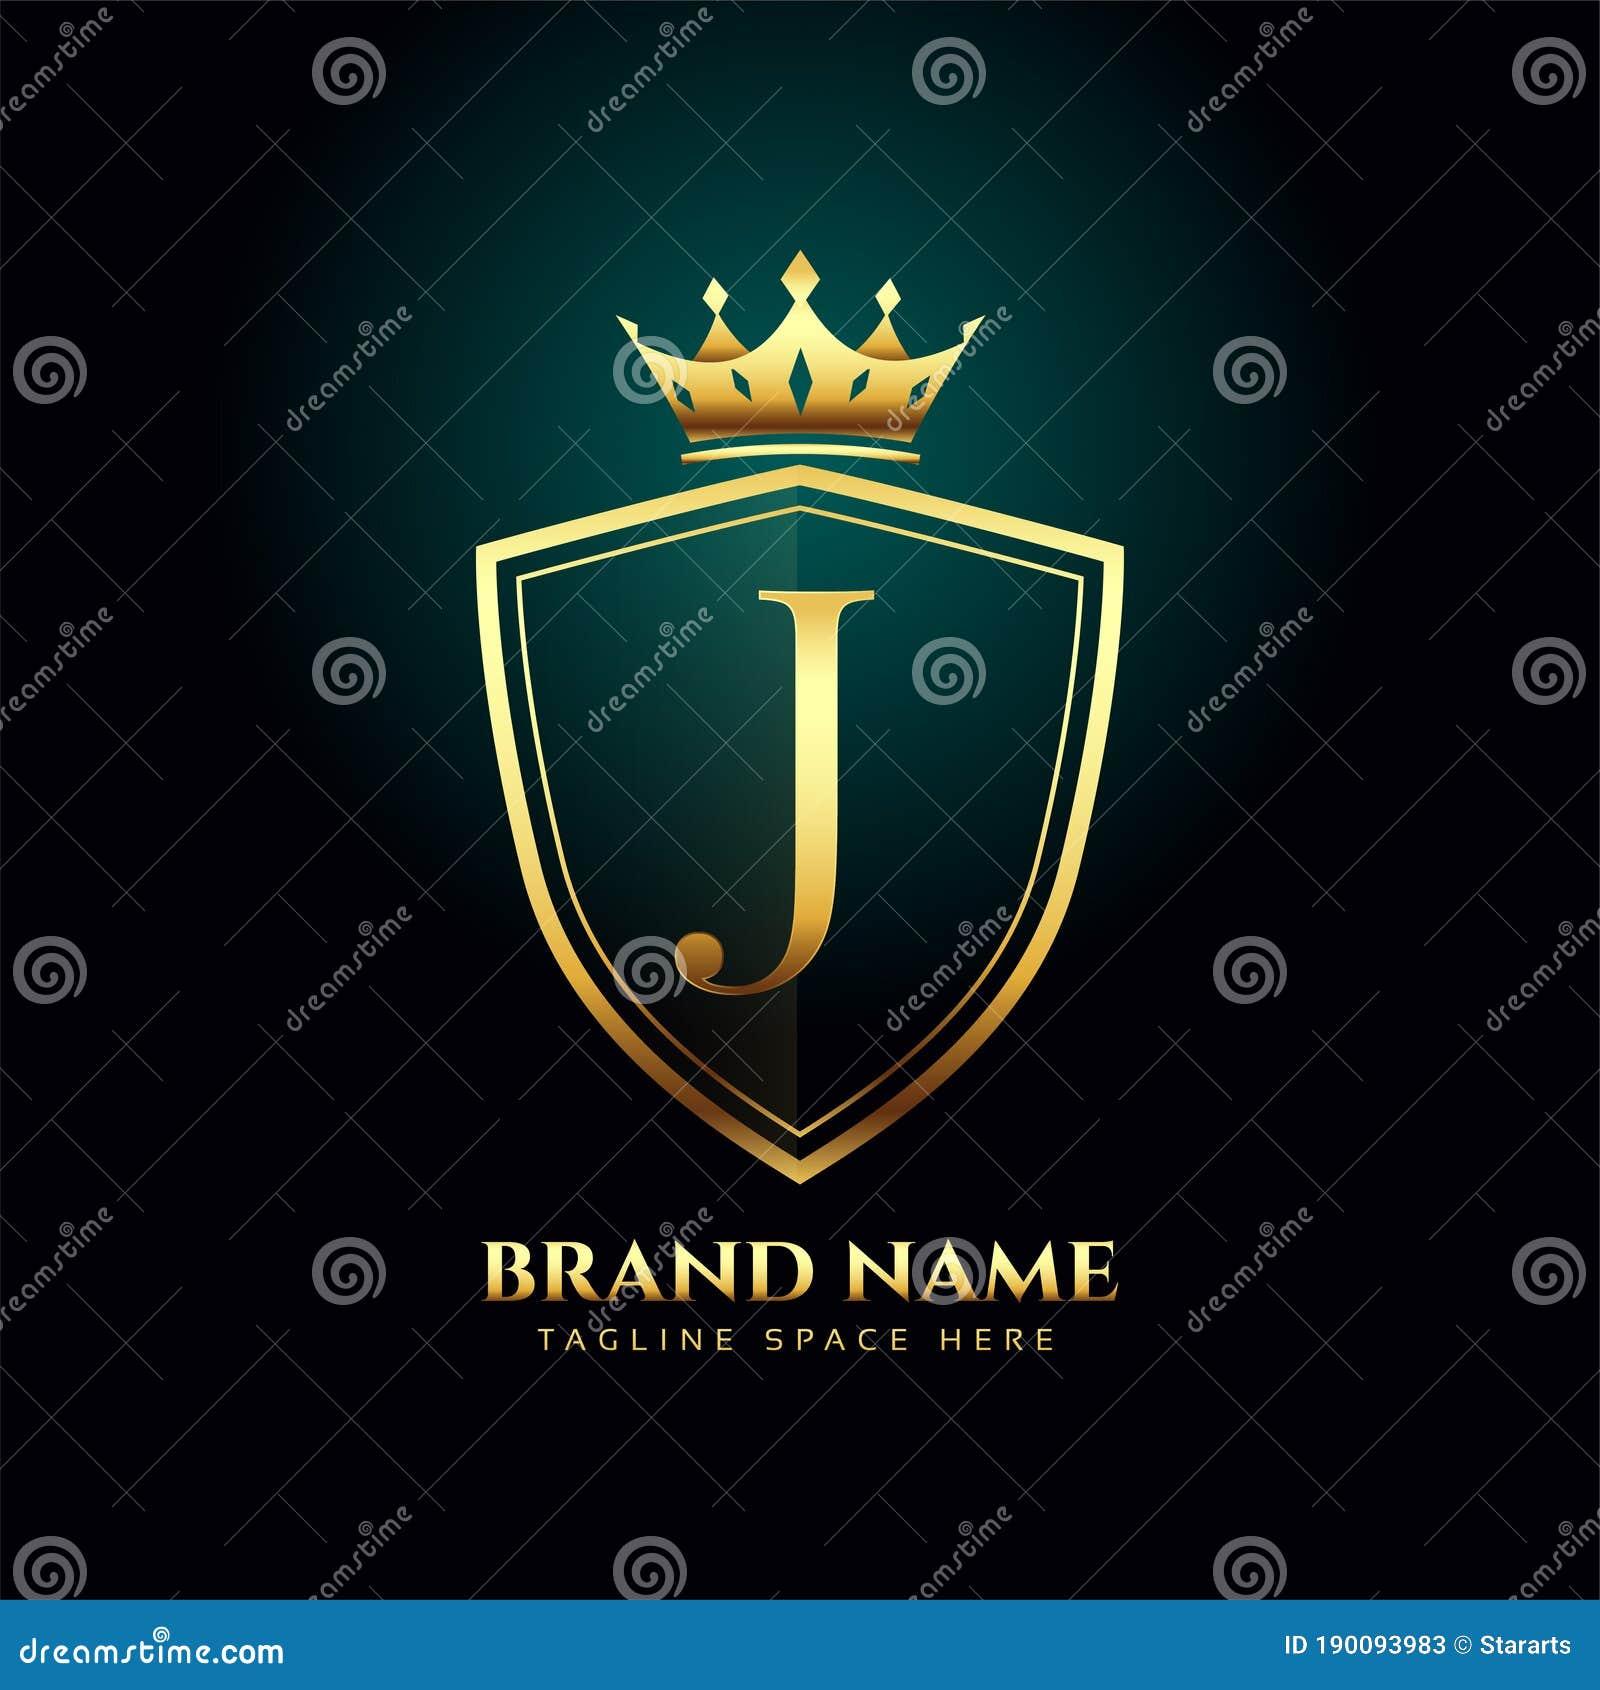 Golden Letter J Monogram Crown Logo Concept Design Stock